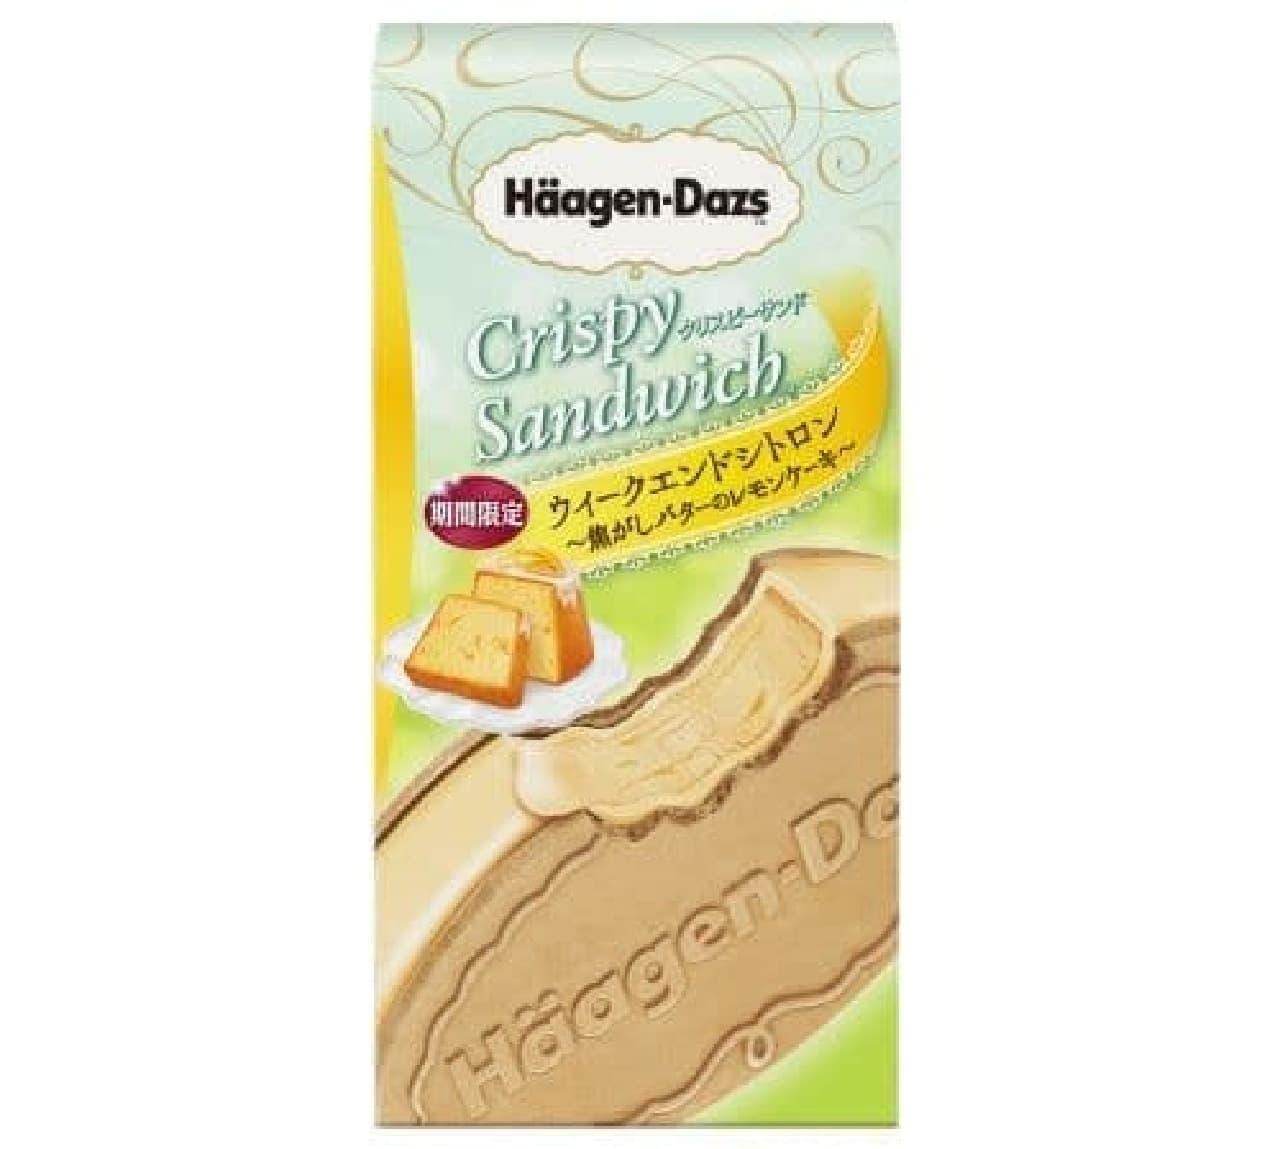 ハーゲンダッツにクリスピーサンドの新作「ウィークエンドシトロン ~焦がしバターのレモンケーキ~」